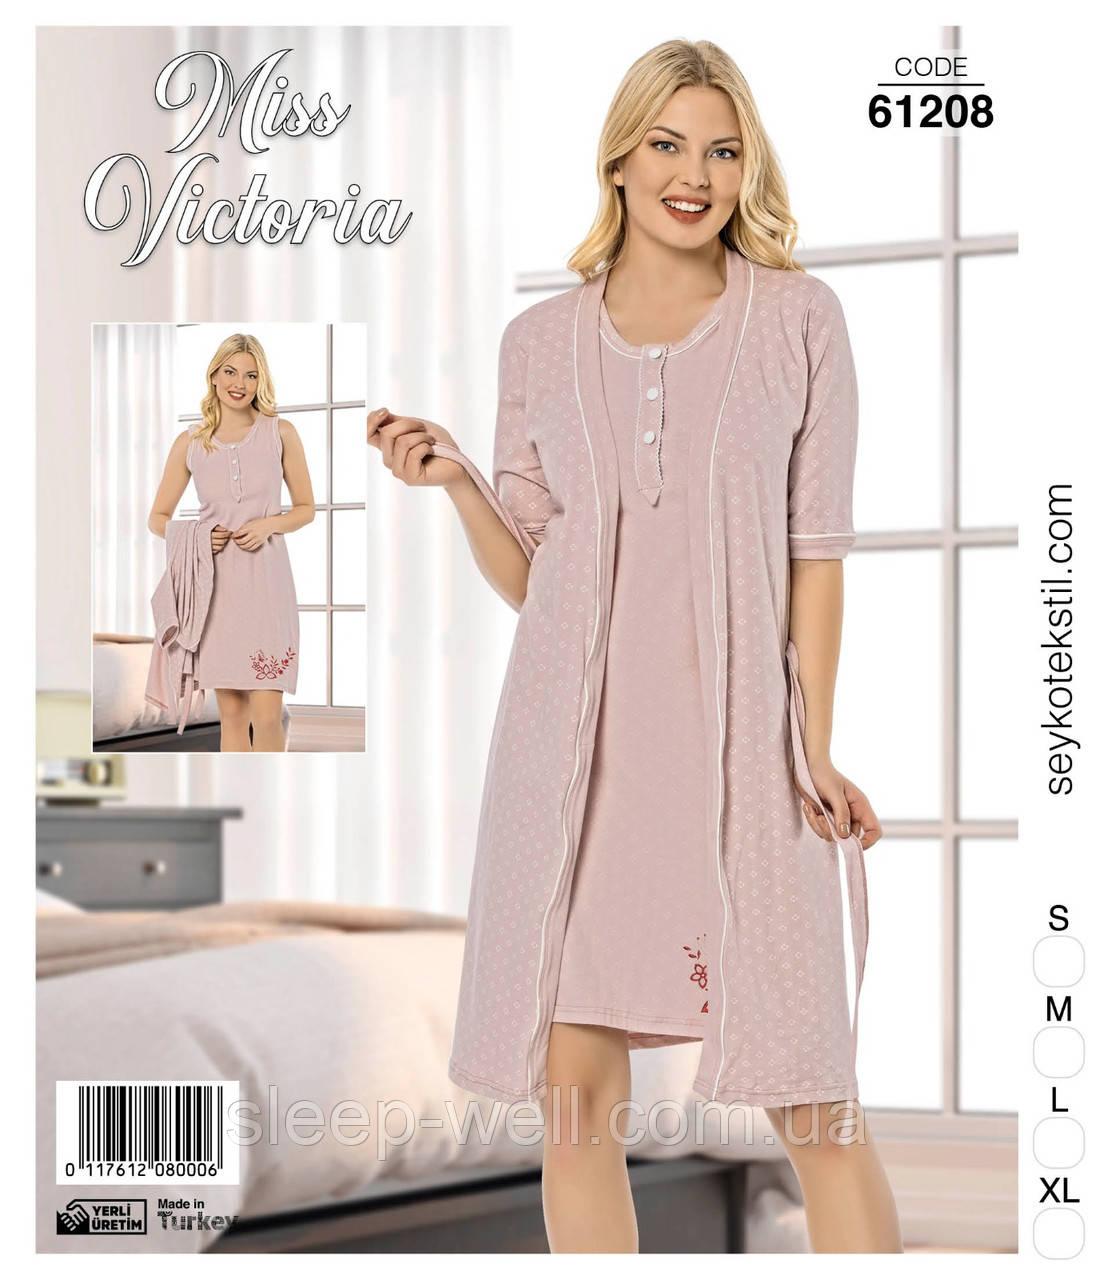 Комплект женский с ночной рубашкой, Мисс Виктория